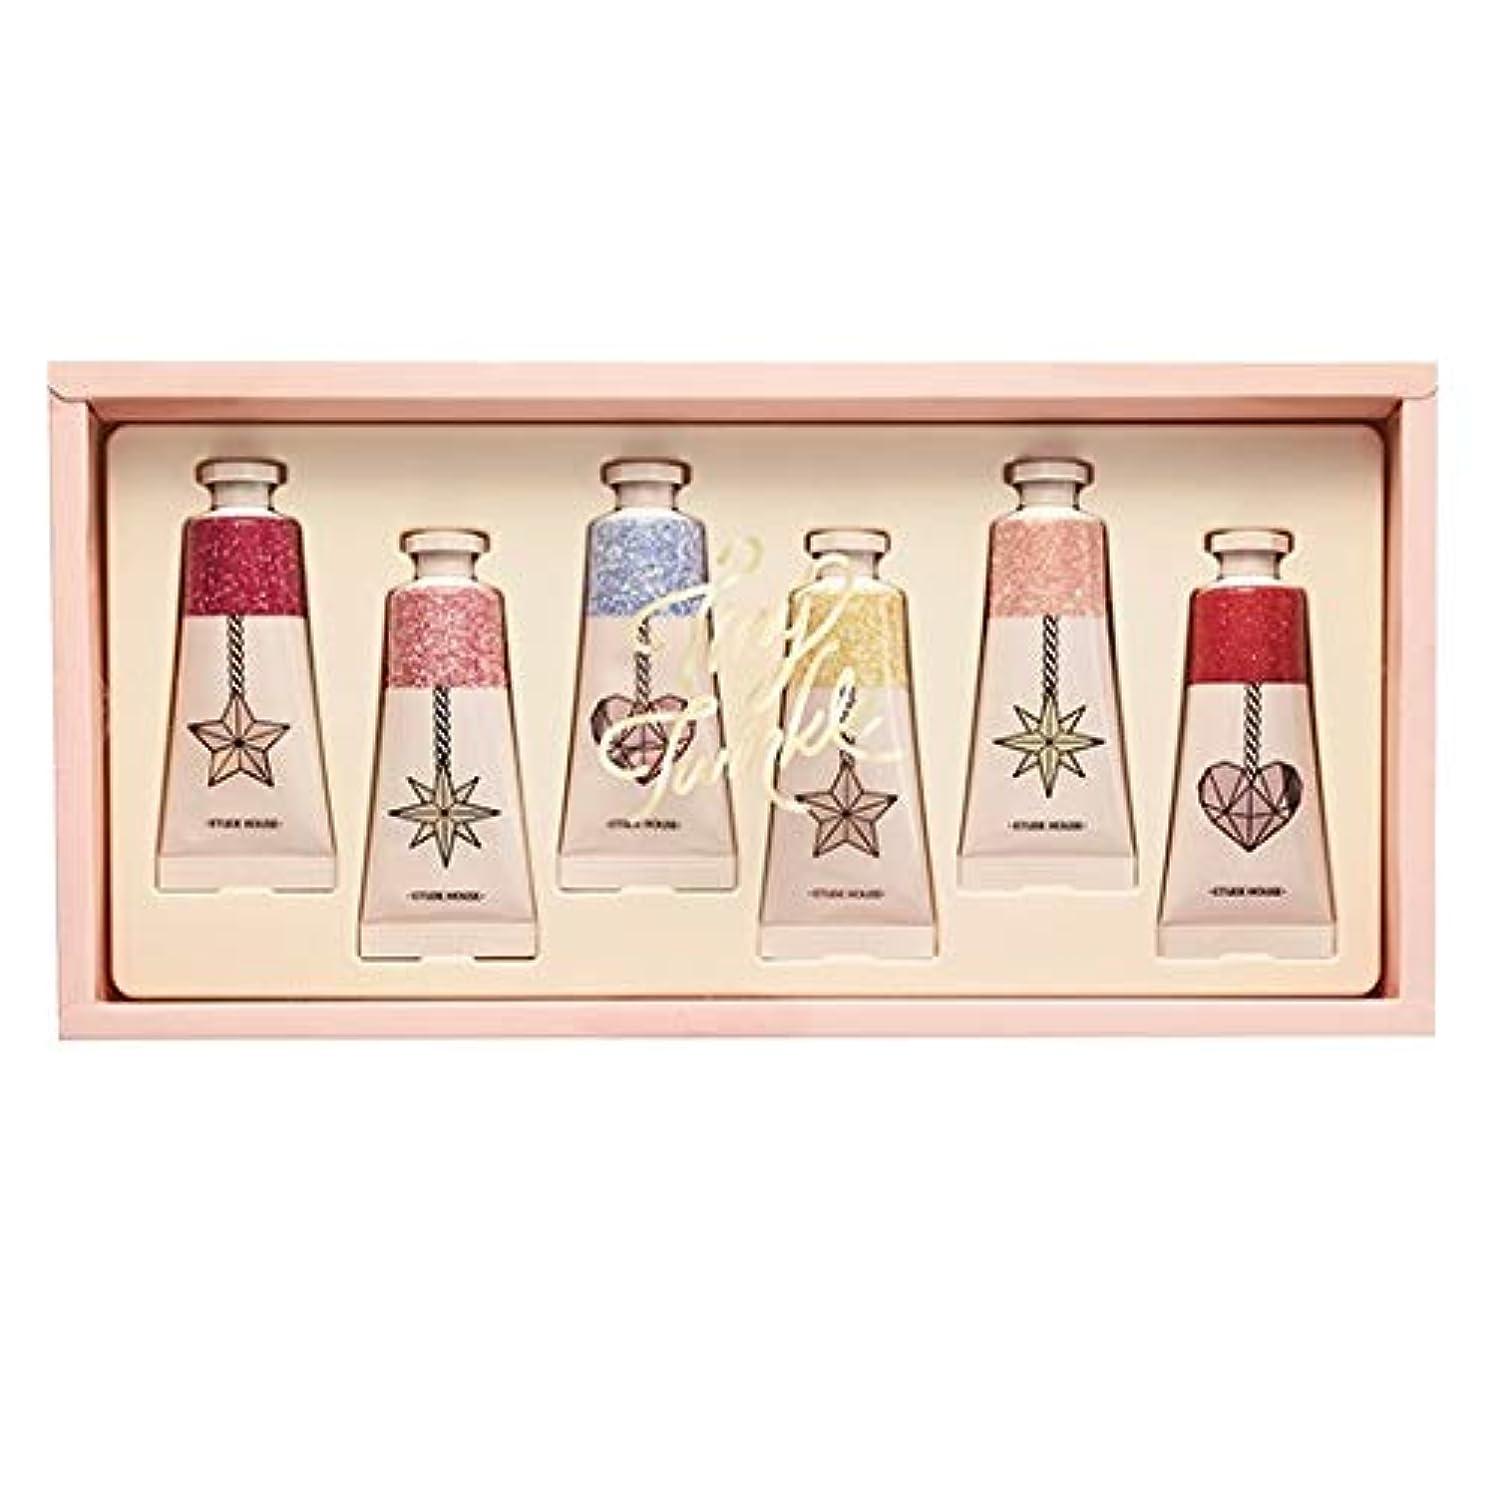 辞任ペレグリネーションに向けて出発エチュードハウス タイニー トゥインクル カラーフル セント パフュームド ハンドクリーム/ETUDE HOUSE Tiny Twinkle Colorful Scent Perfumed Handcream 6PCS...